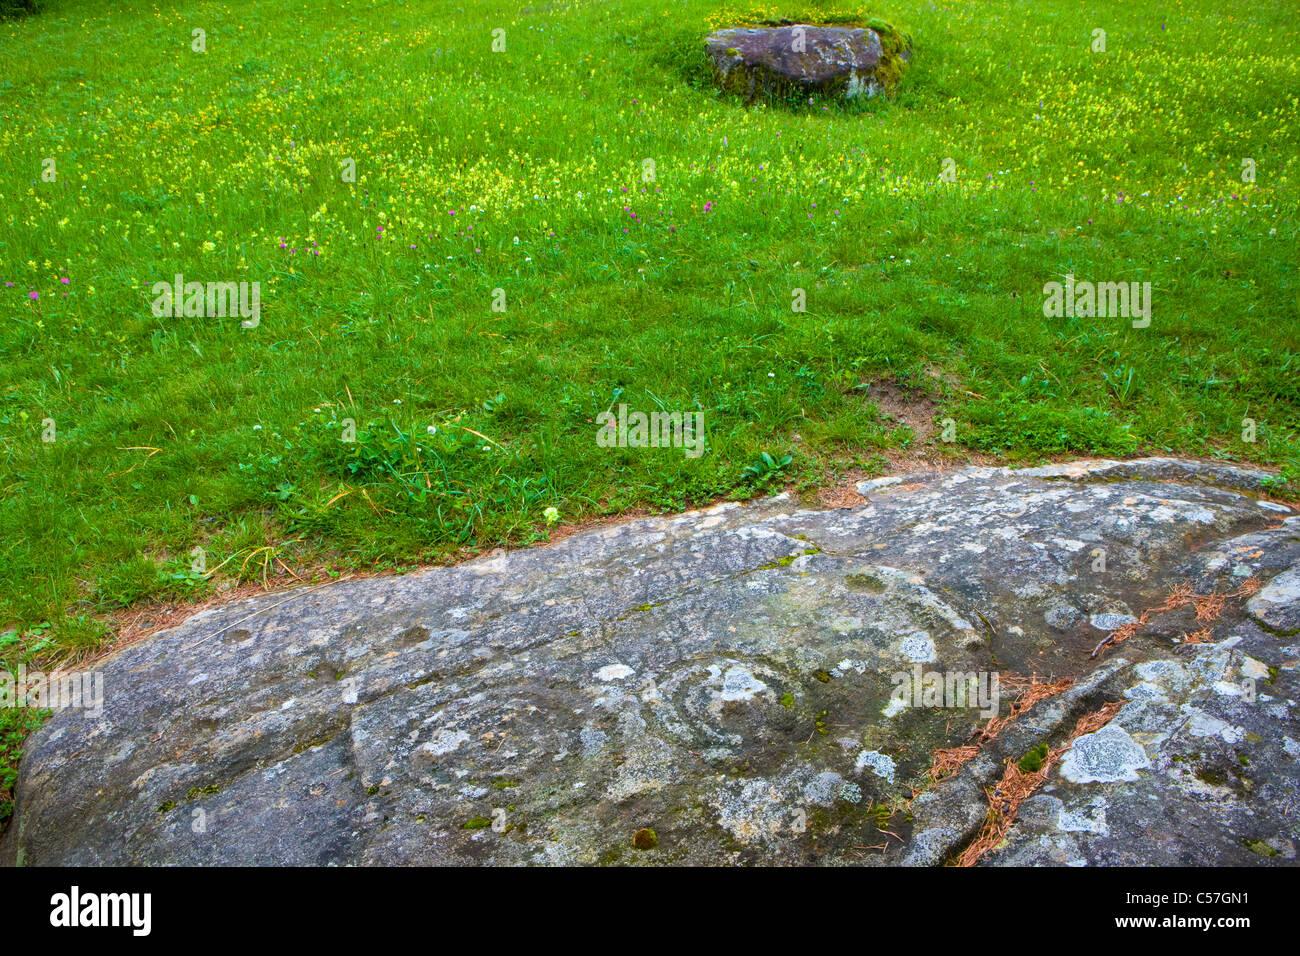 Carschenna, falaise, dessins, Suisse, Europe, canton des Grisons, Grisons, Domleschg, rock, falaise, petroglyph, Photo Stock